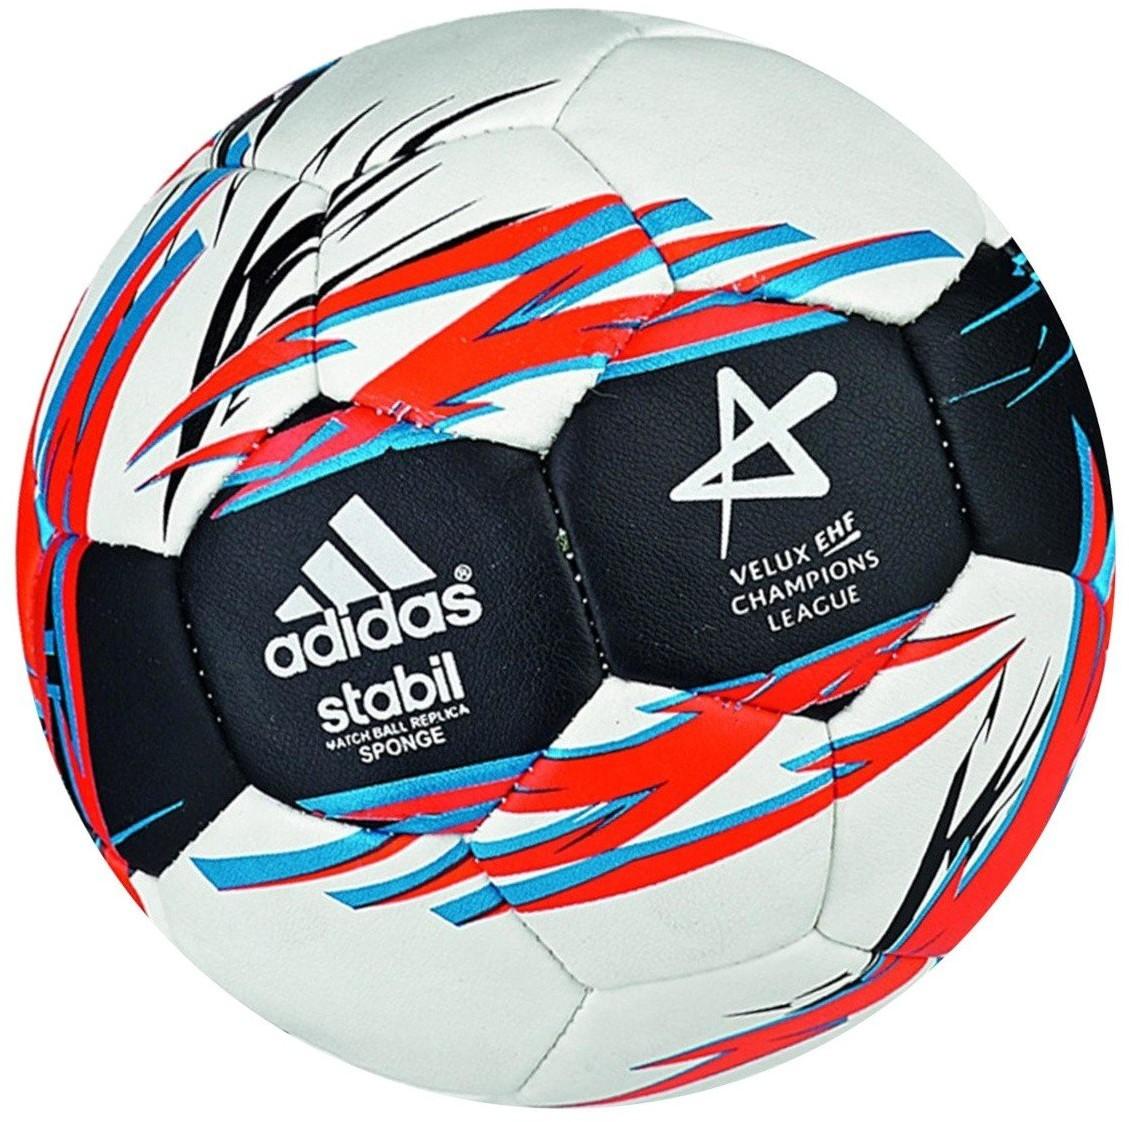 Adidas Piłka ręczna, Stabil Sponge S87881